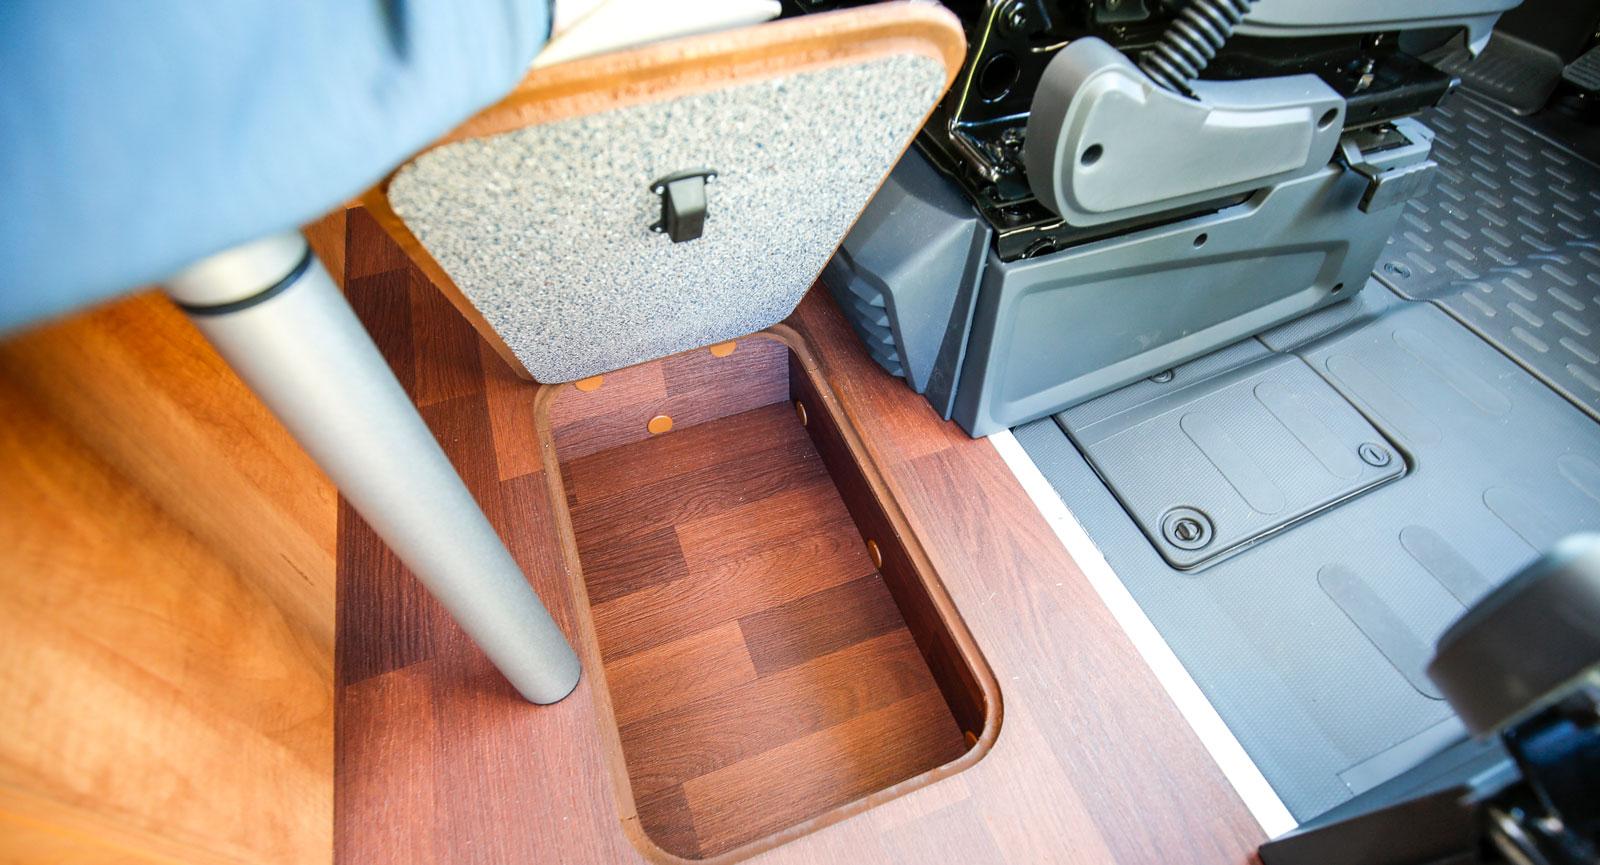 Hela kompaktbilen är full av smarta förvaringslösningar.